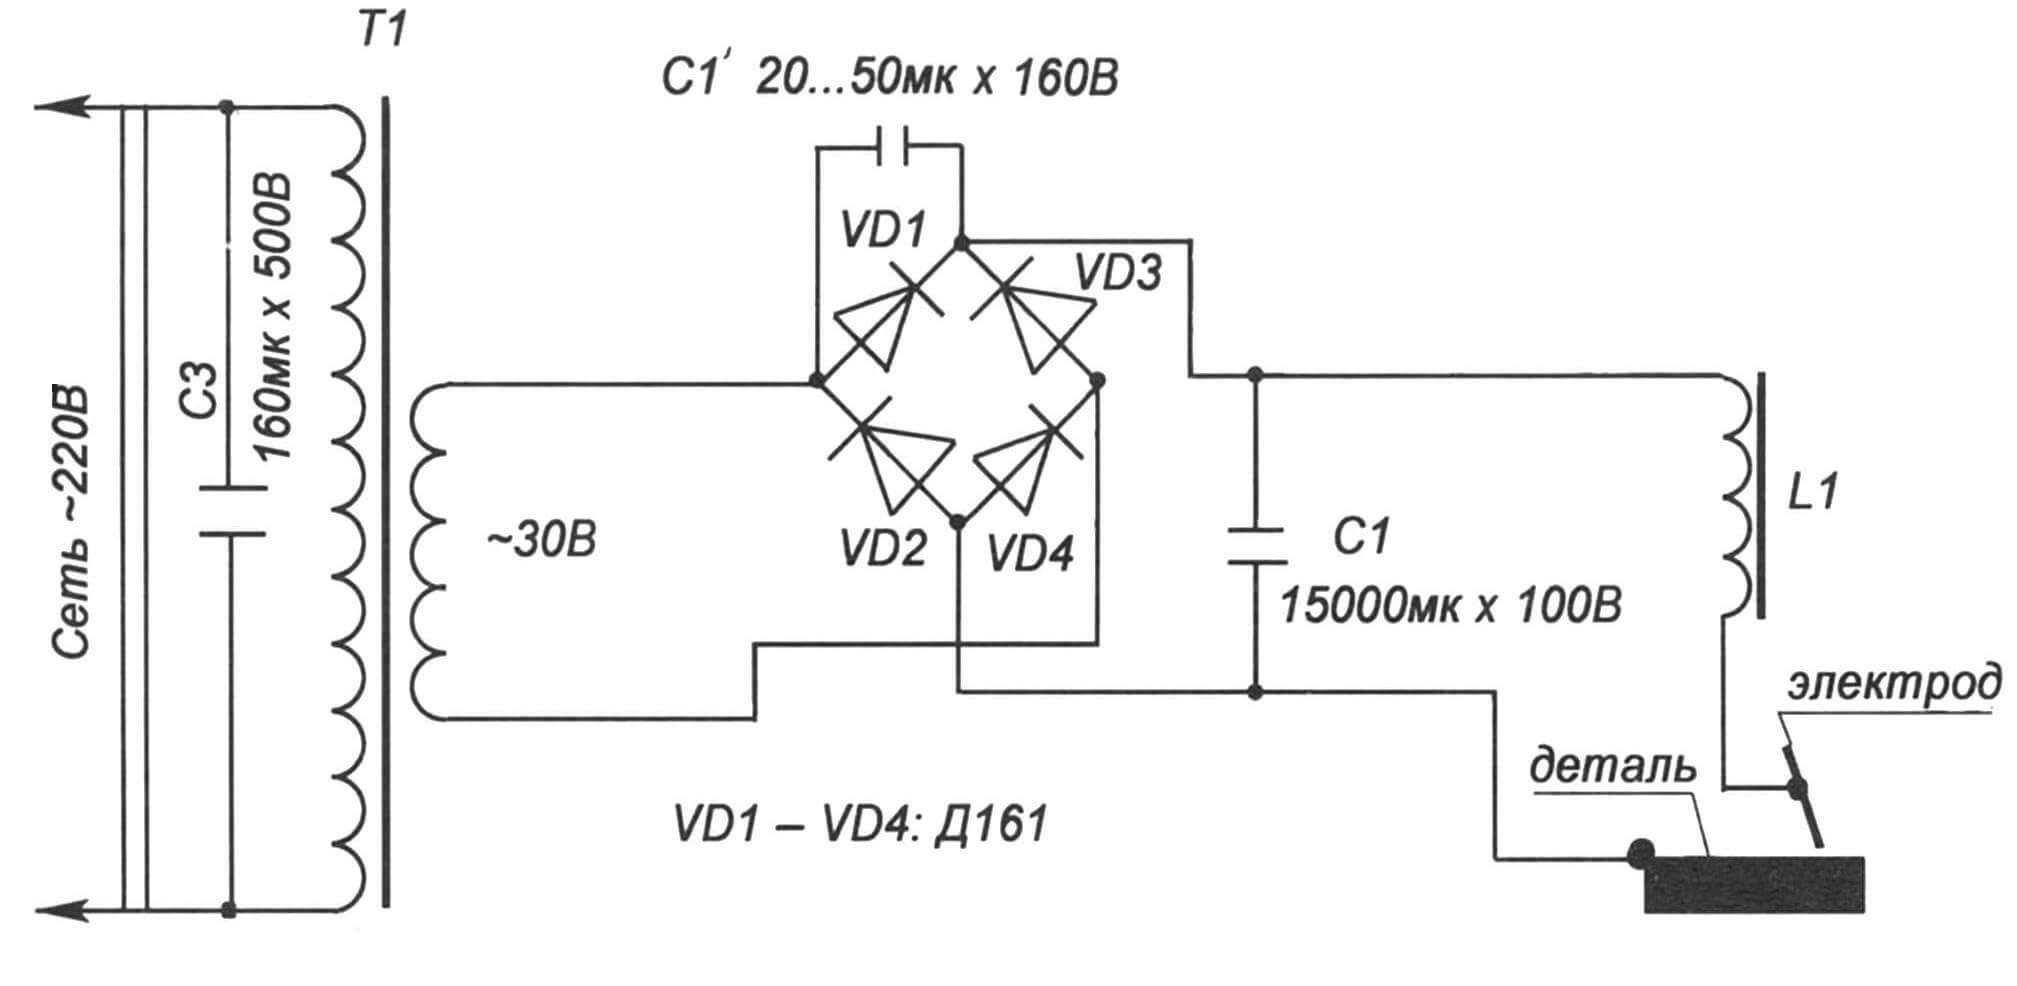 Рис. 1. Принципиальная электрическая схема сварочного аппарата постоянного тока с регулирующими конденсаторами